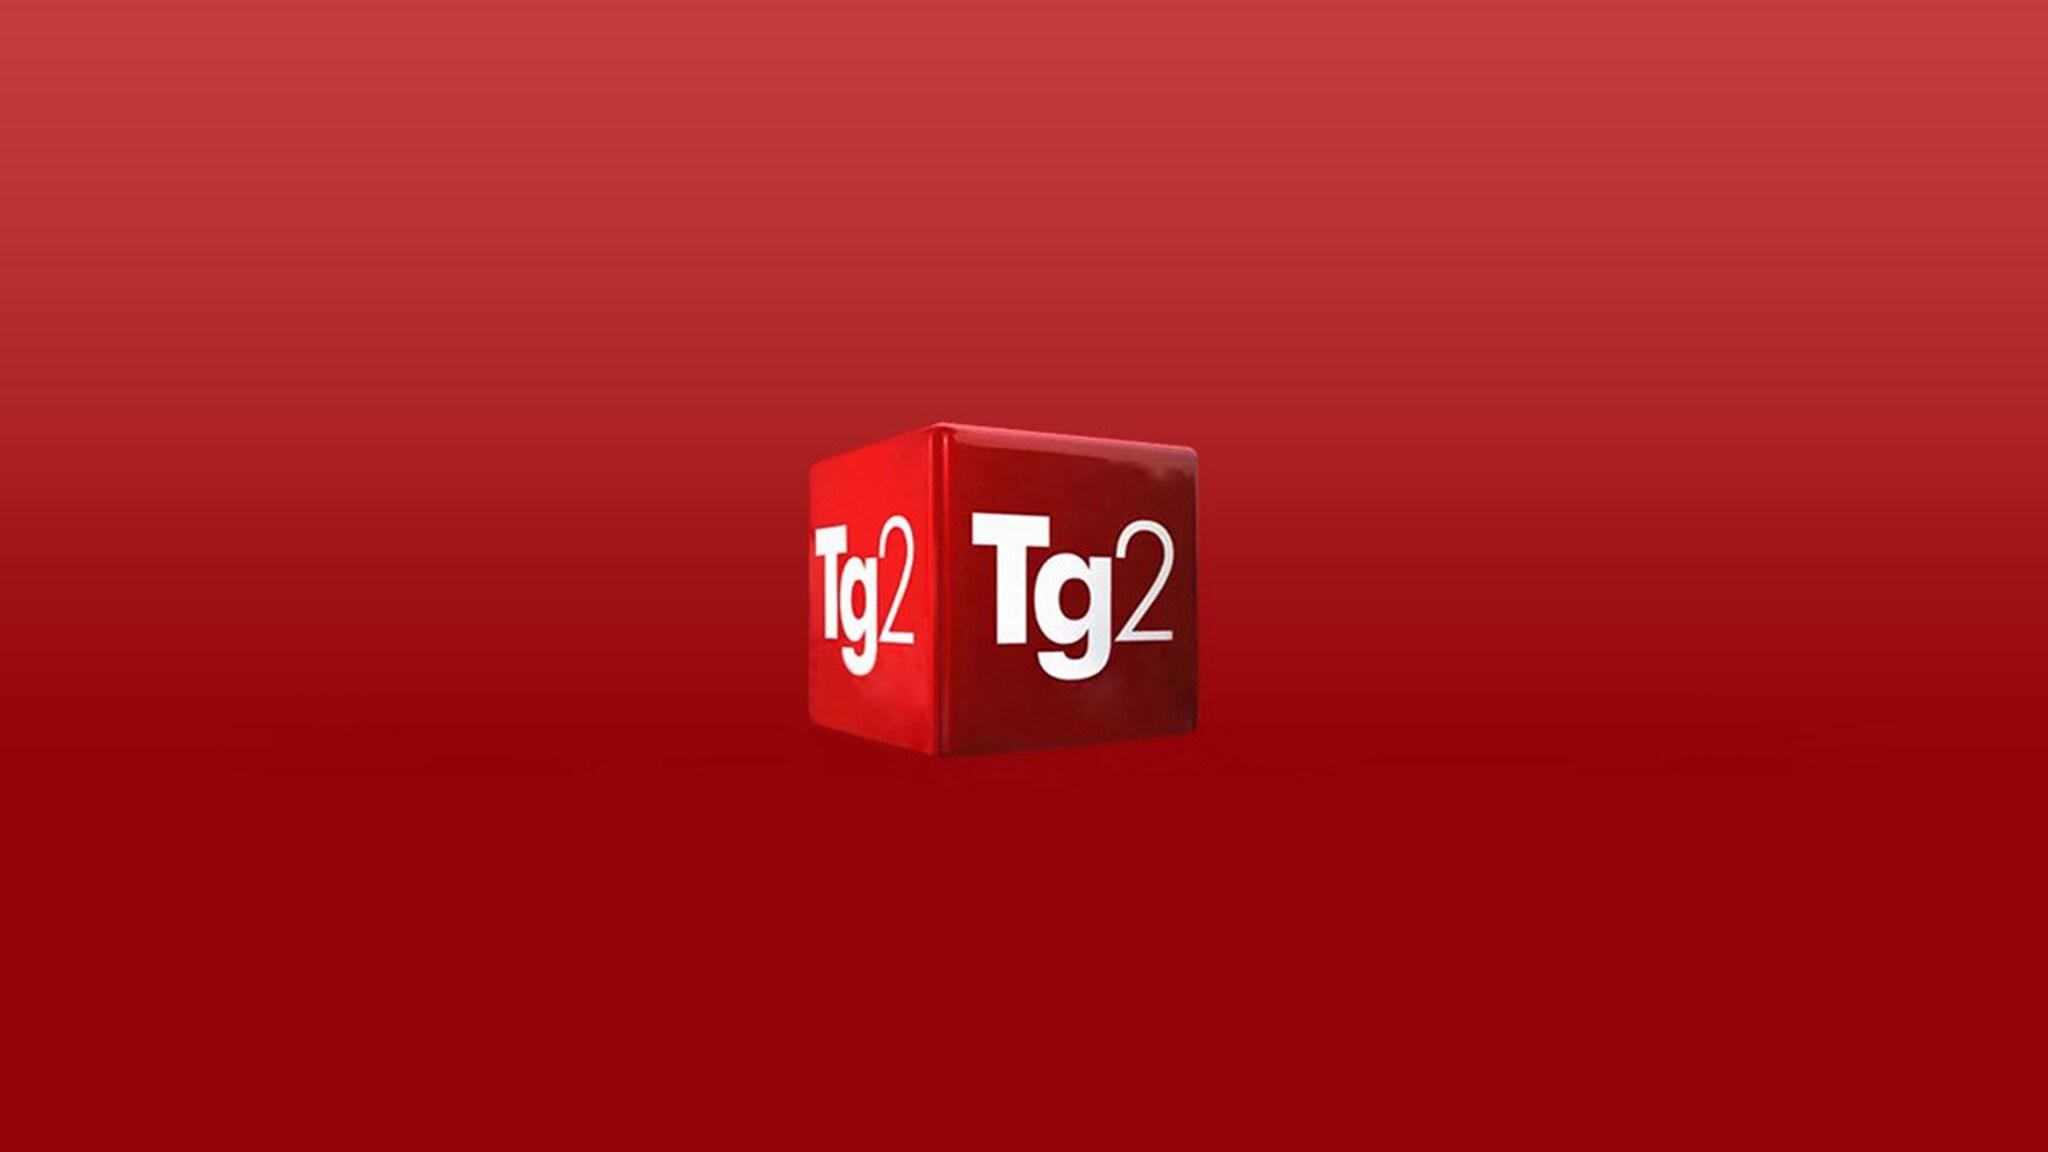 Rai 2 Tg 2